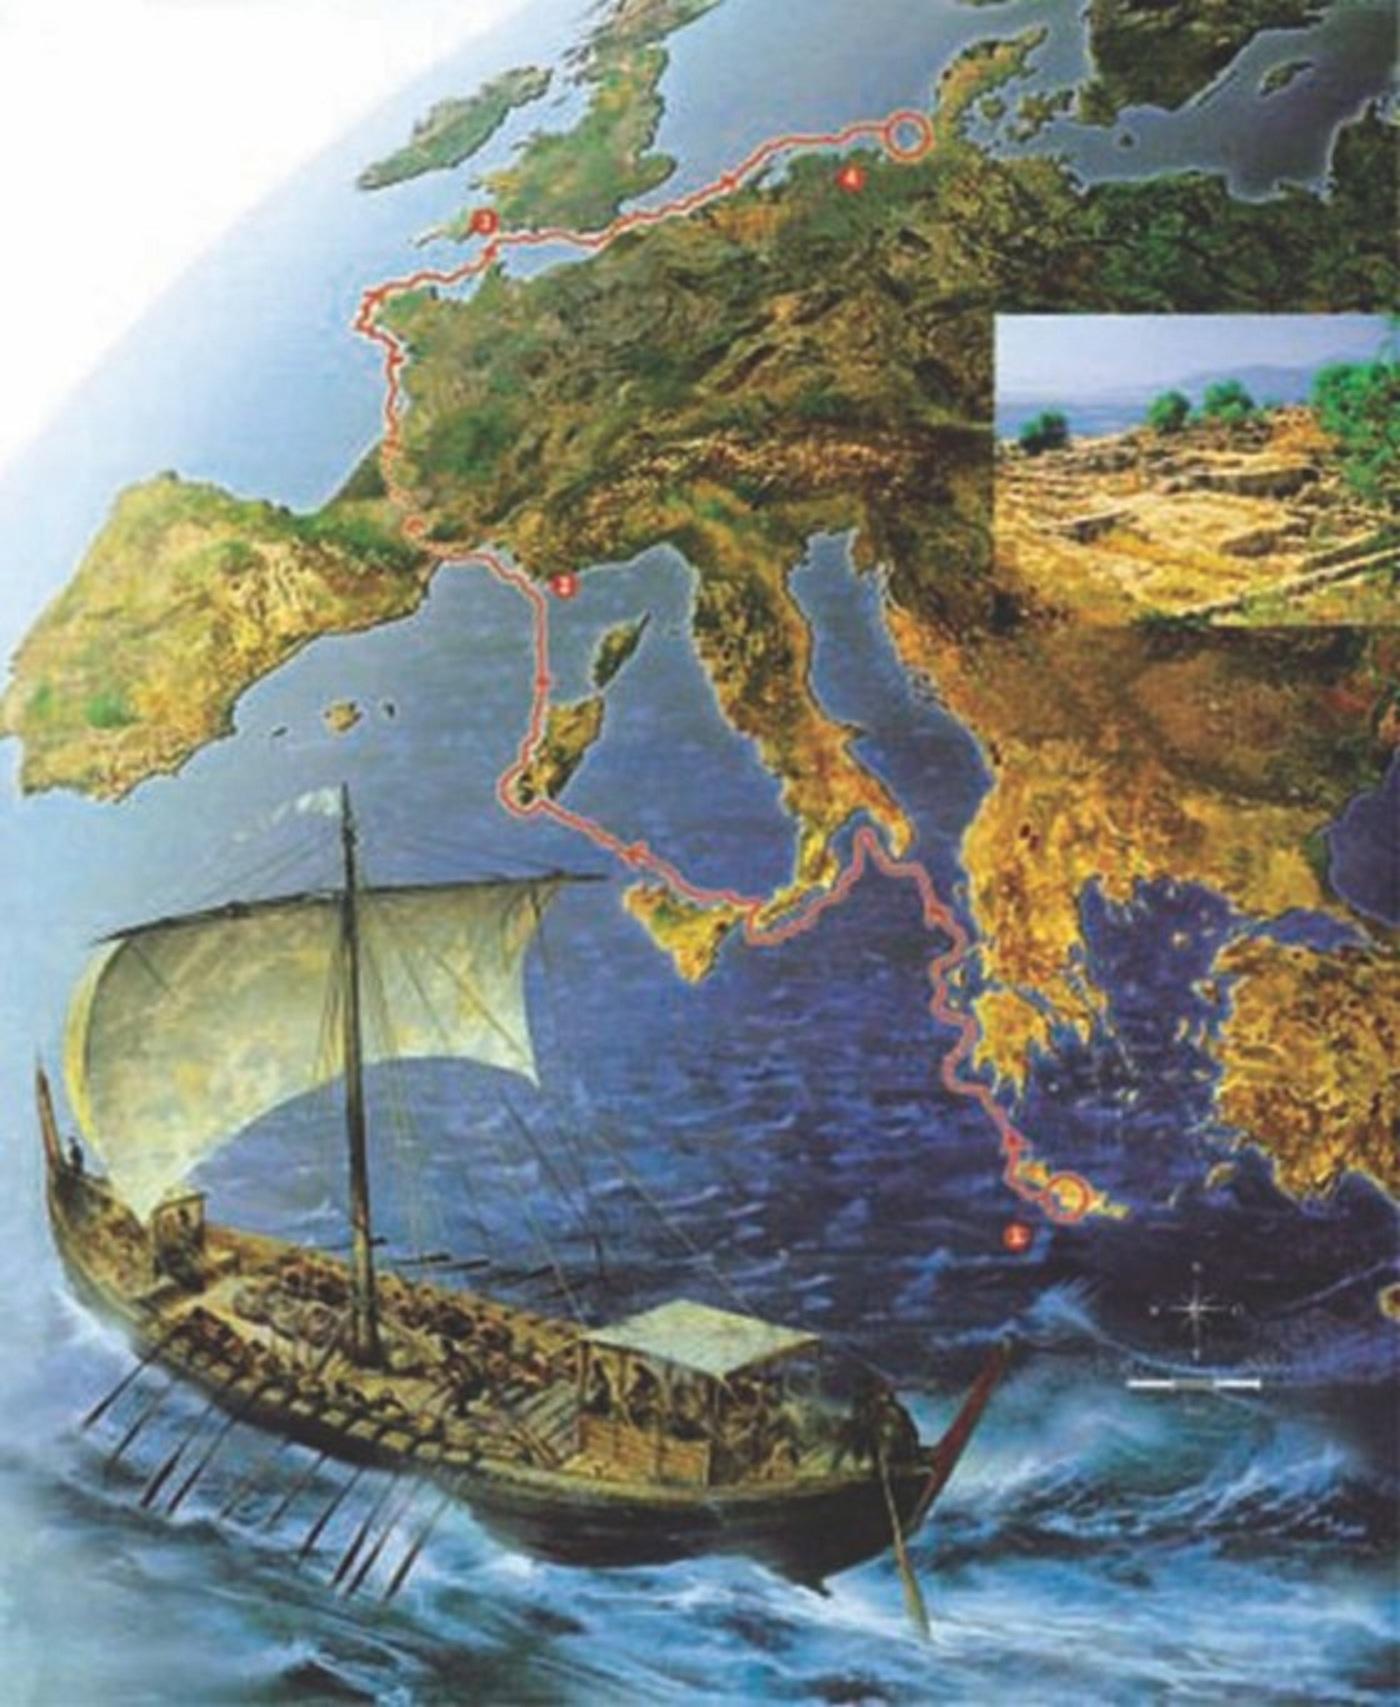 Μινωΐτες Κρῆτες 3.500 τοὐλάχιστον χρόνια πρίν, ἐξερευνοῦσαν τὴν Εὐρώπη!3